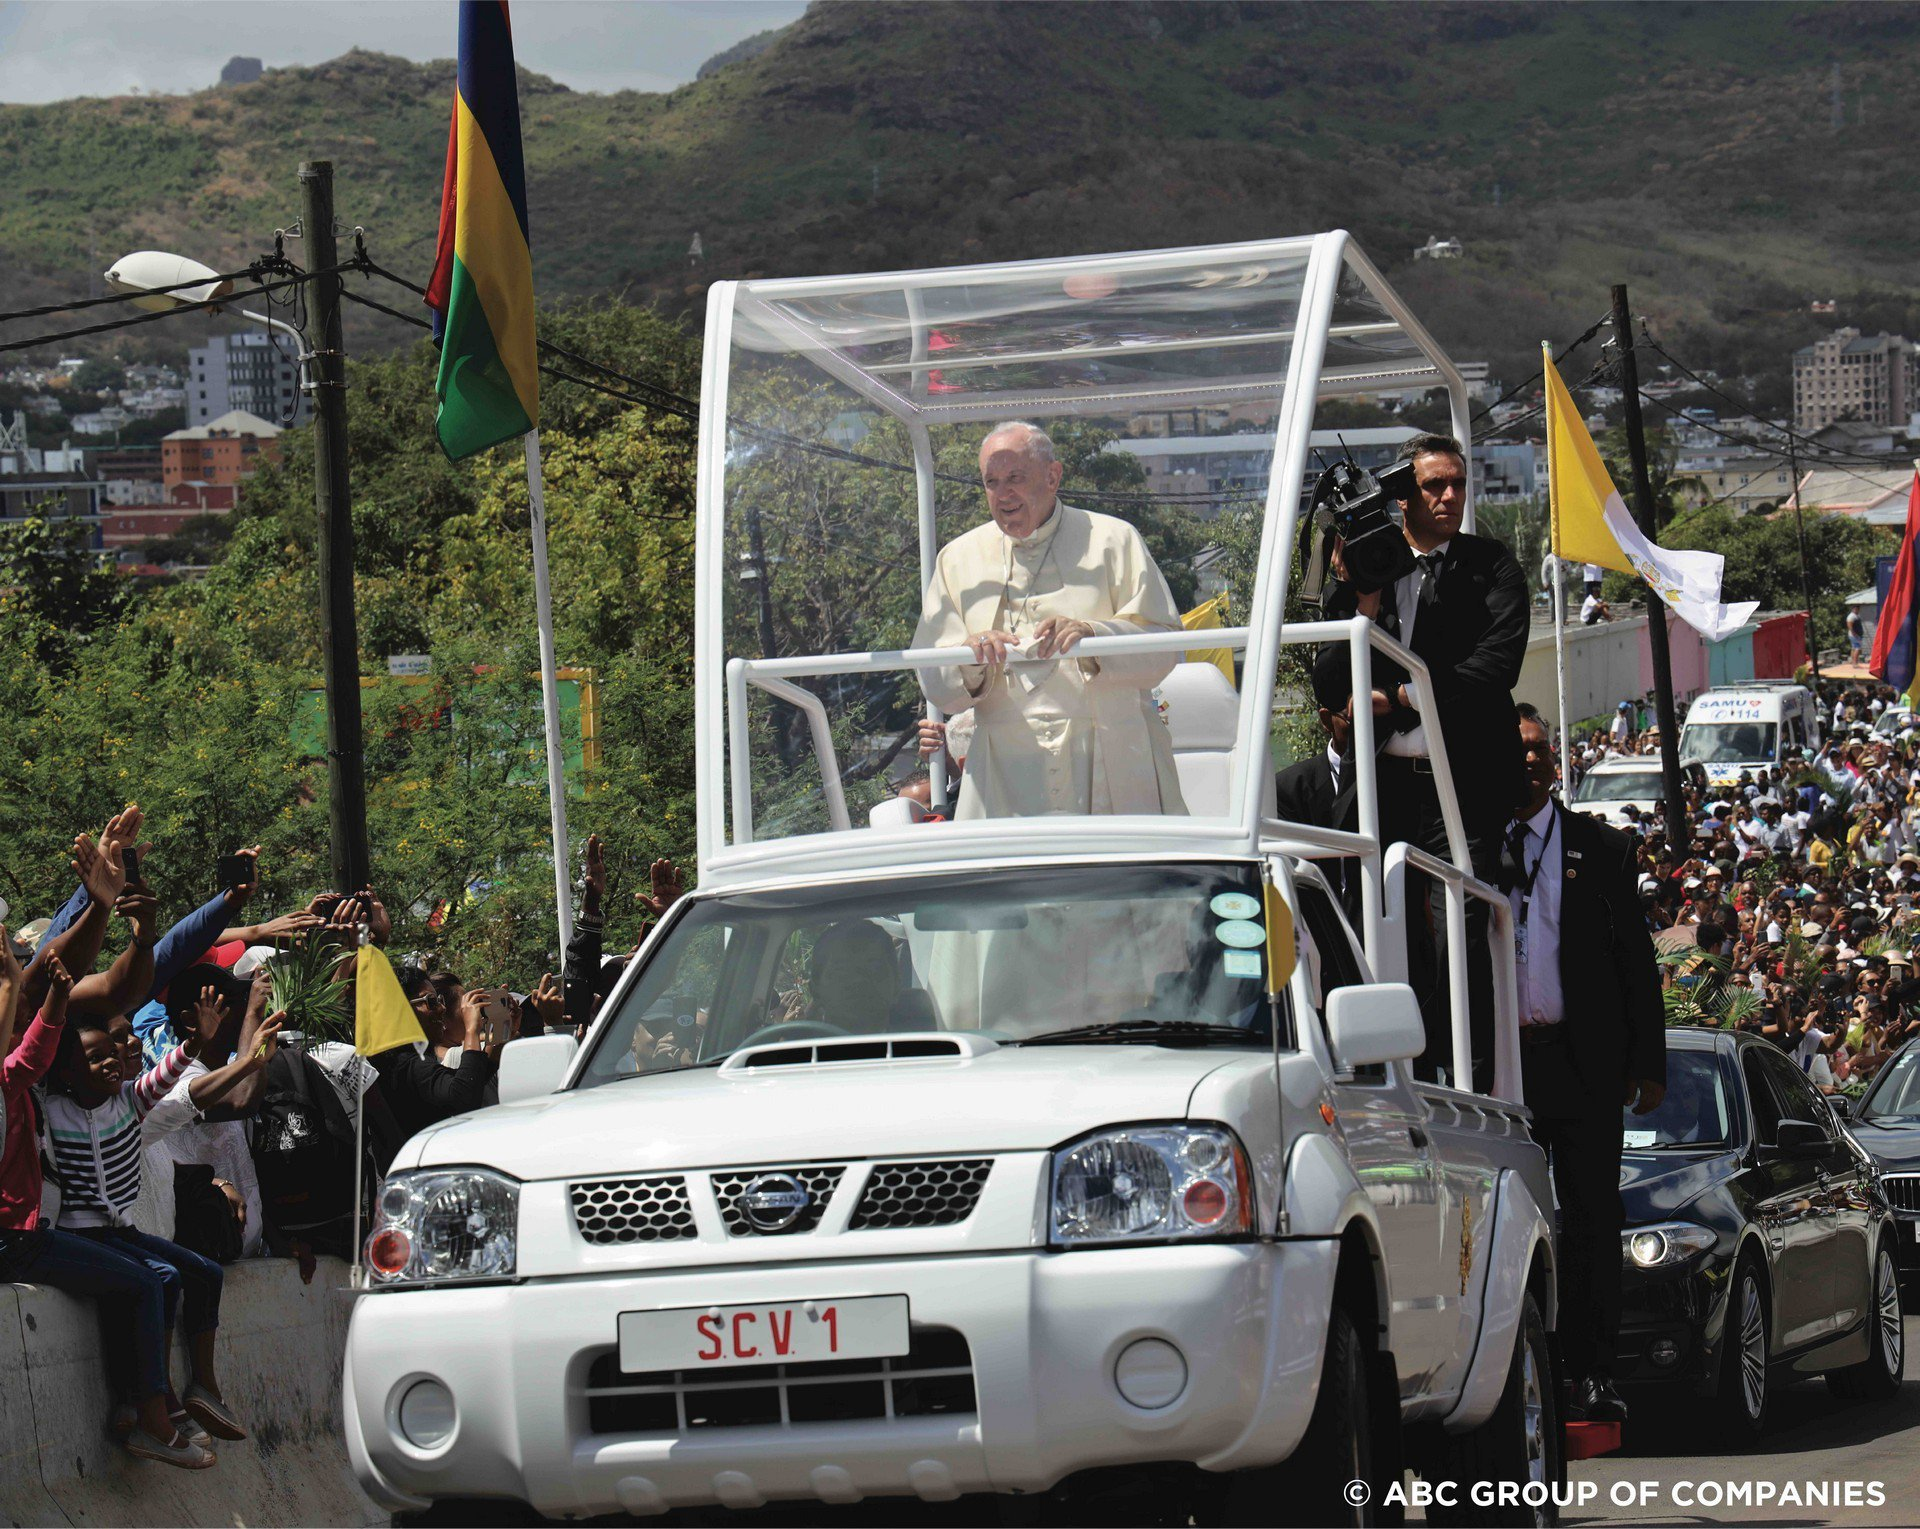 Giáo hoàng Francis diễu hành bằng bán tải Nissan Navara giá rẻ